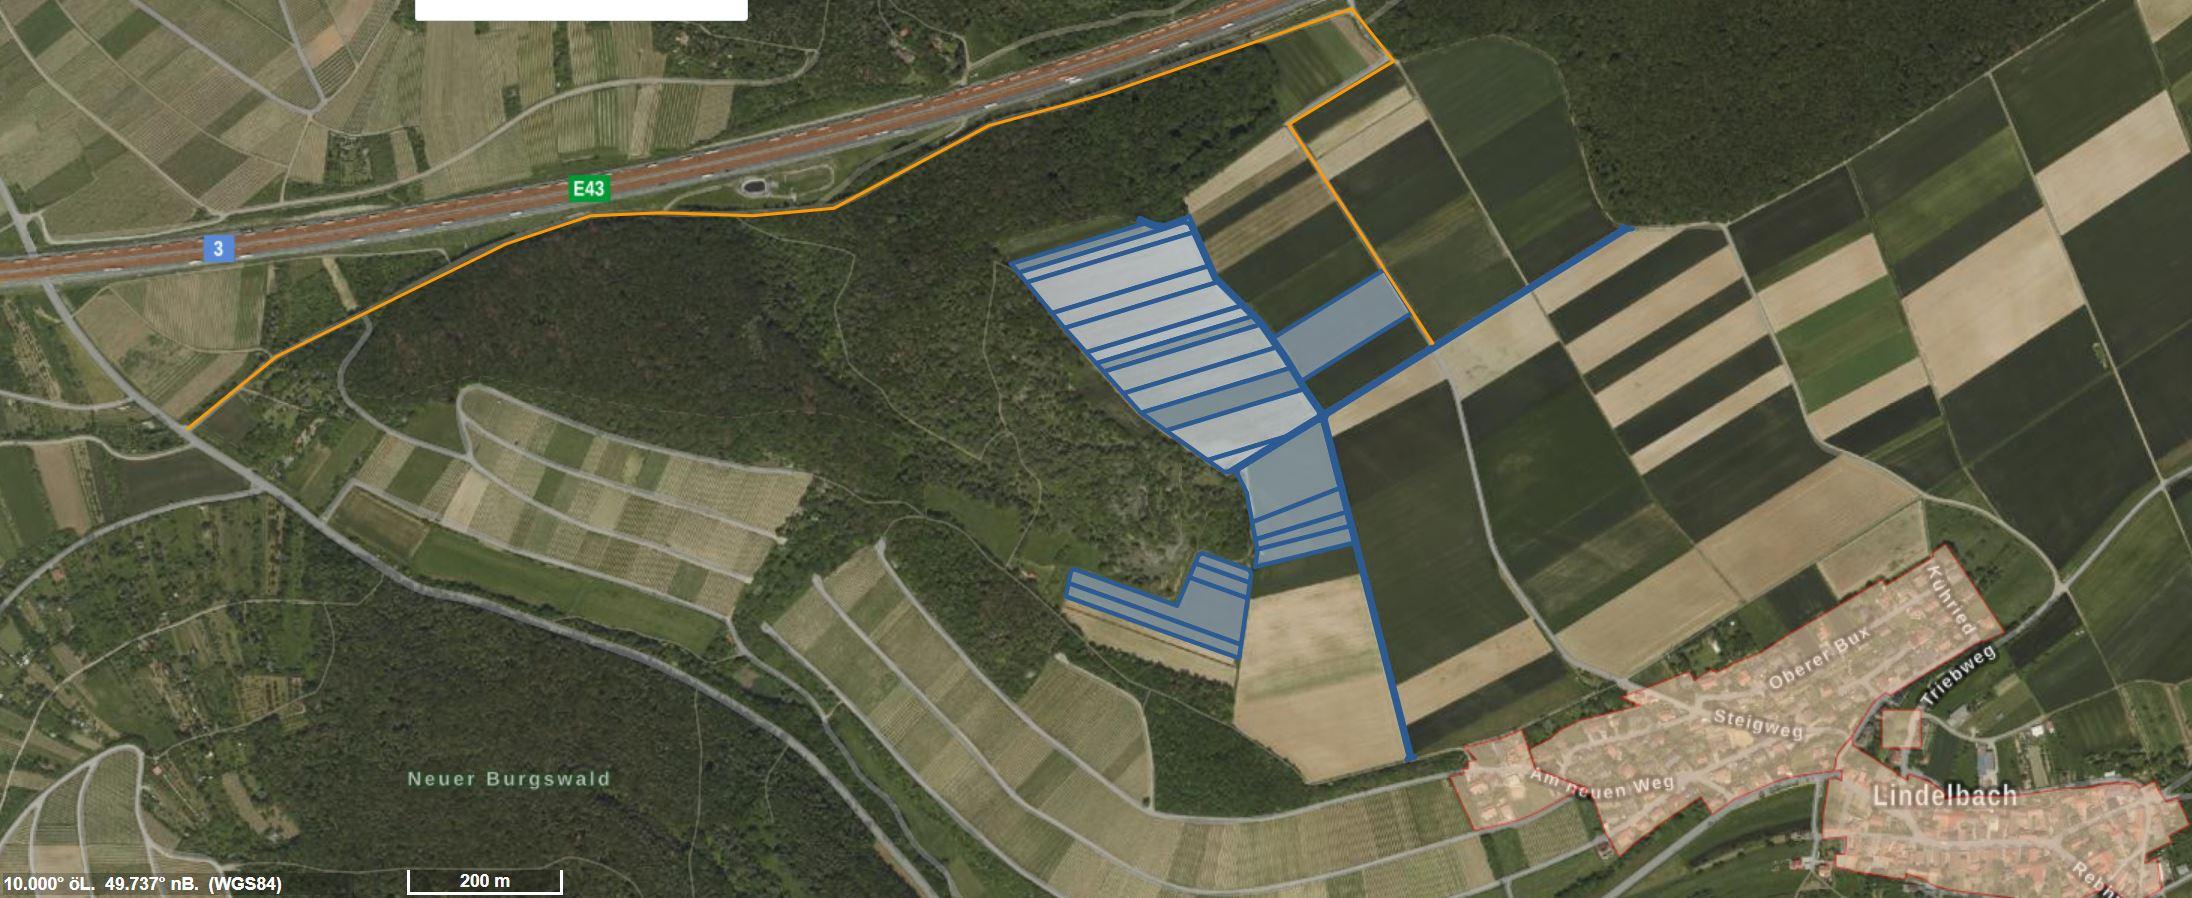 Hier die ursprünglich beantragte Fläche - blau - und der Weg entlang der Autobahn im Lützelgrund - orange -